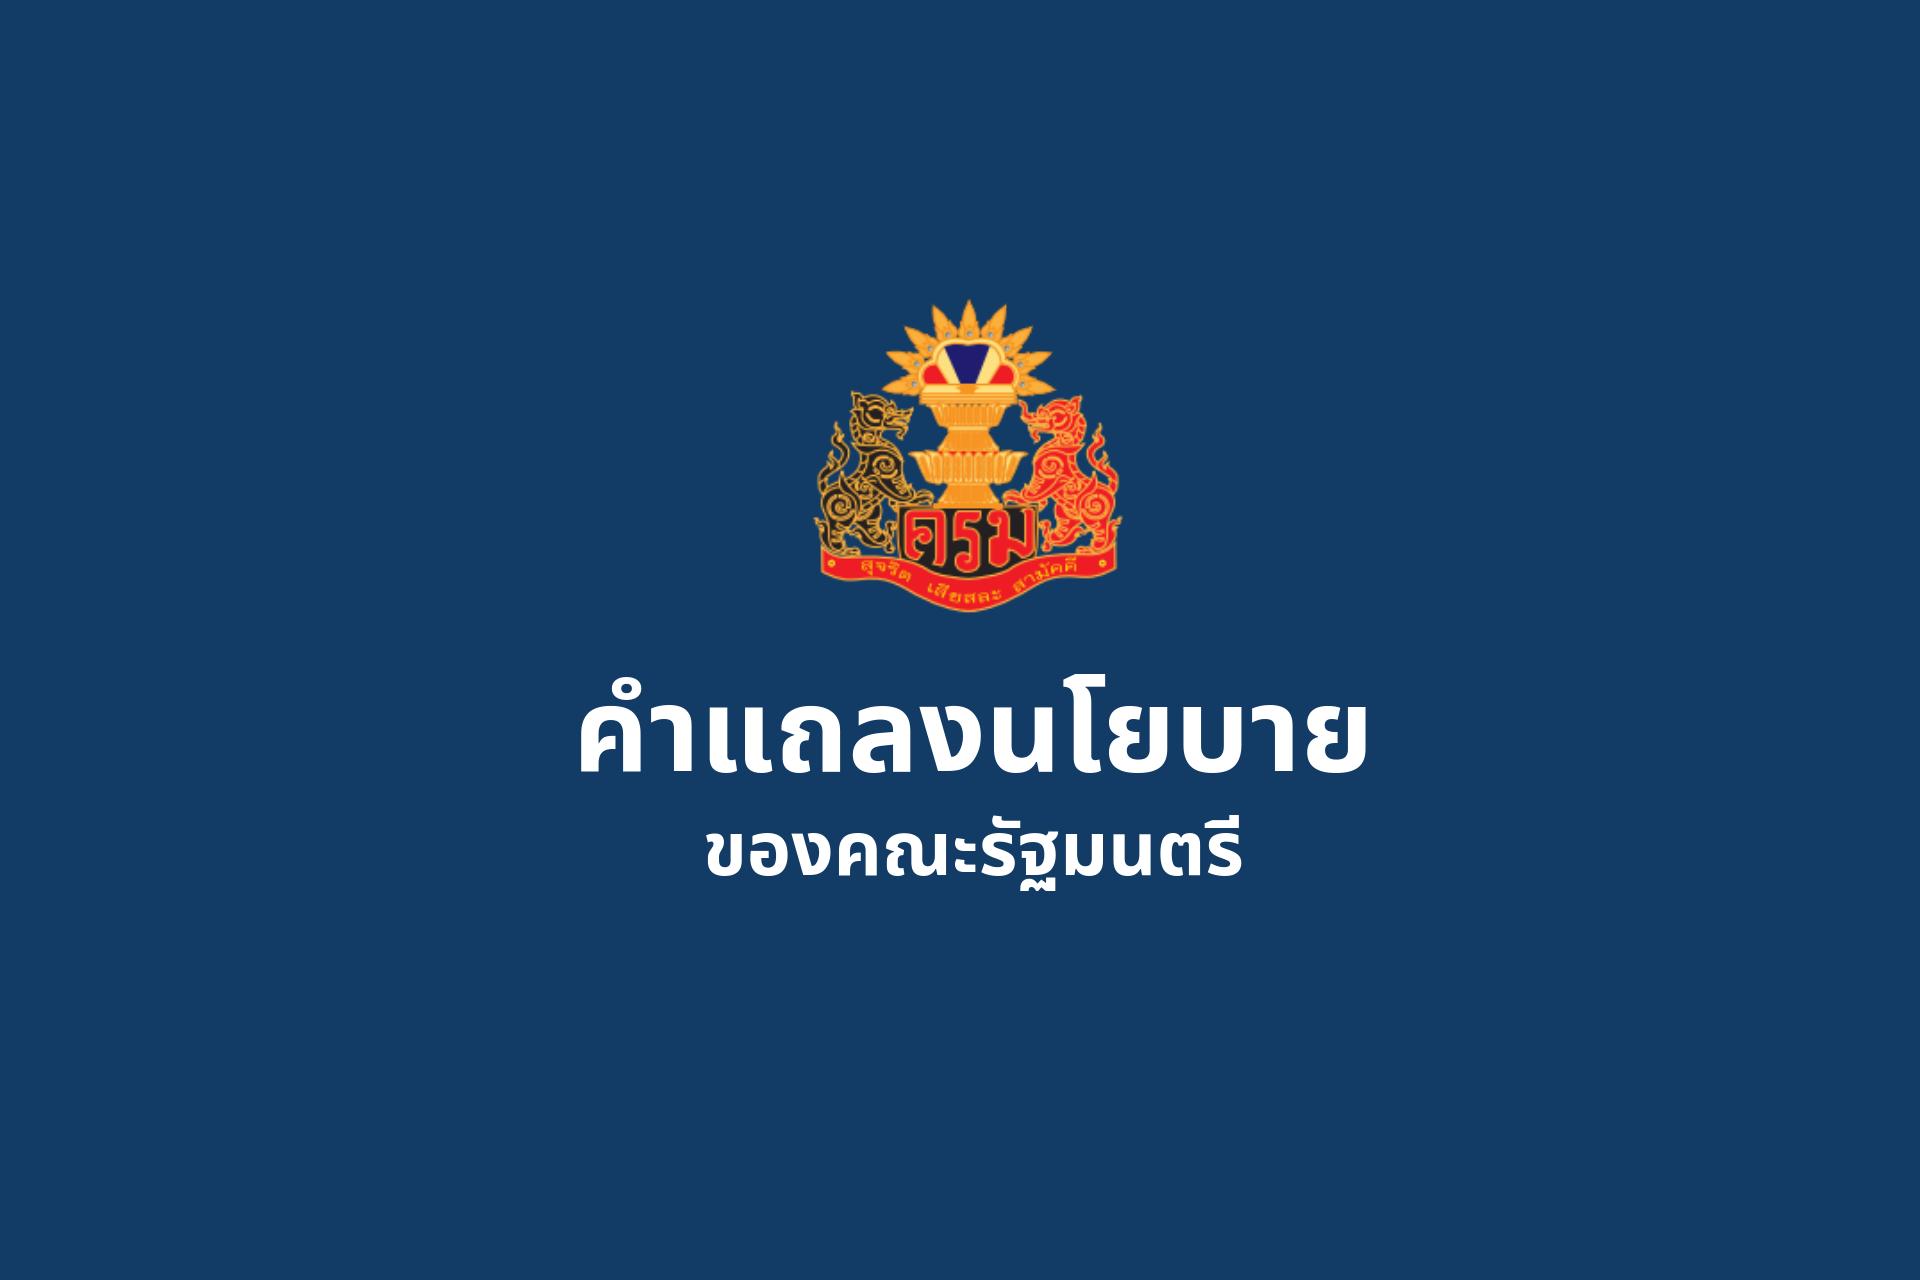 คำแถลงนโยบายของคณะรัฐมนตรี ต่อรัฐสภา วันที่ 25 กรกฎาคม 2562